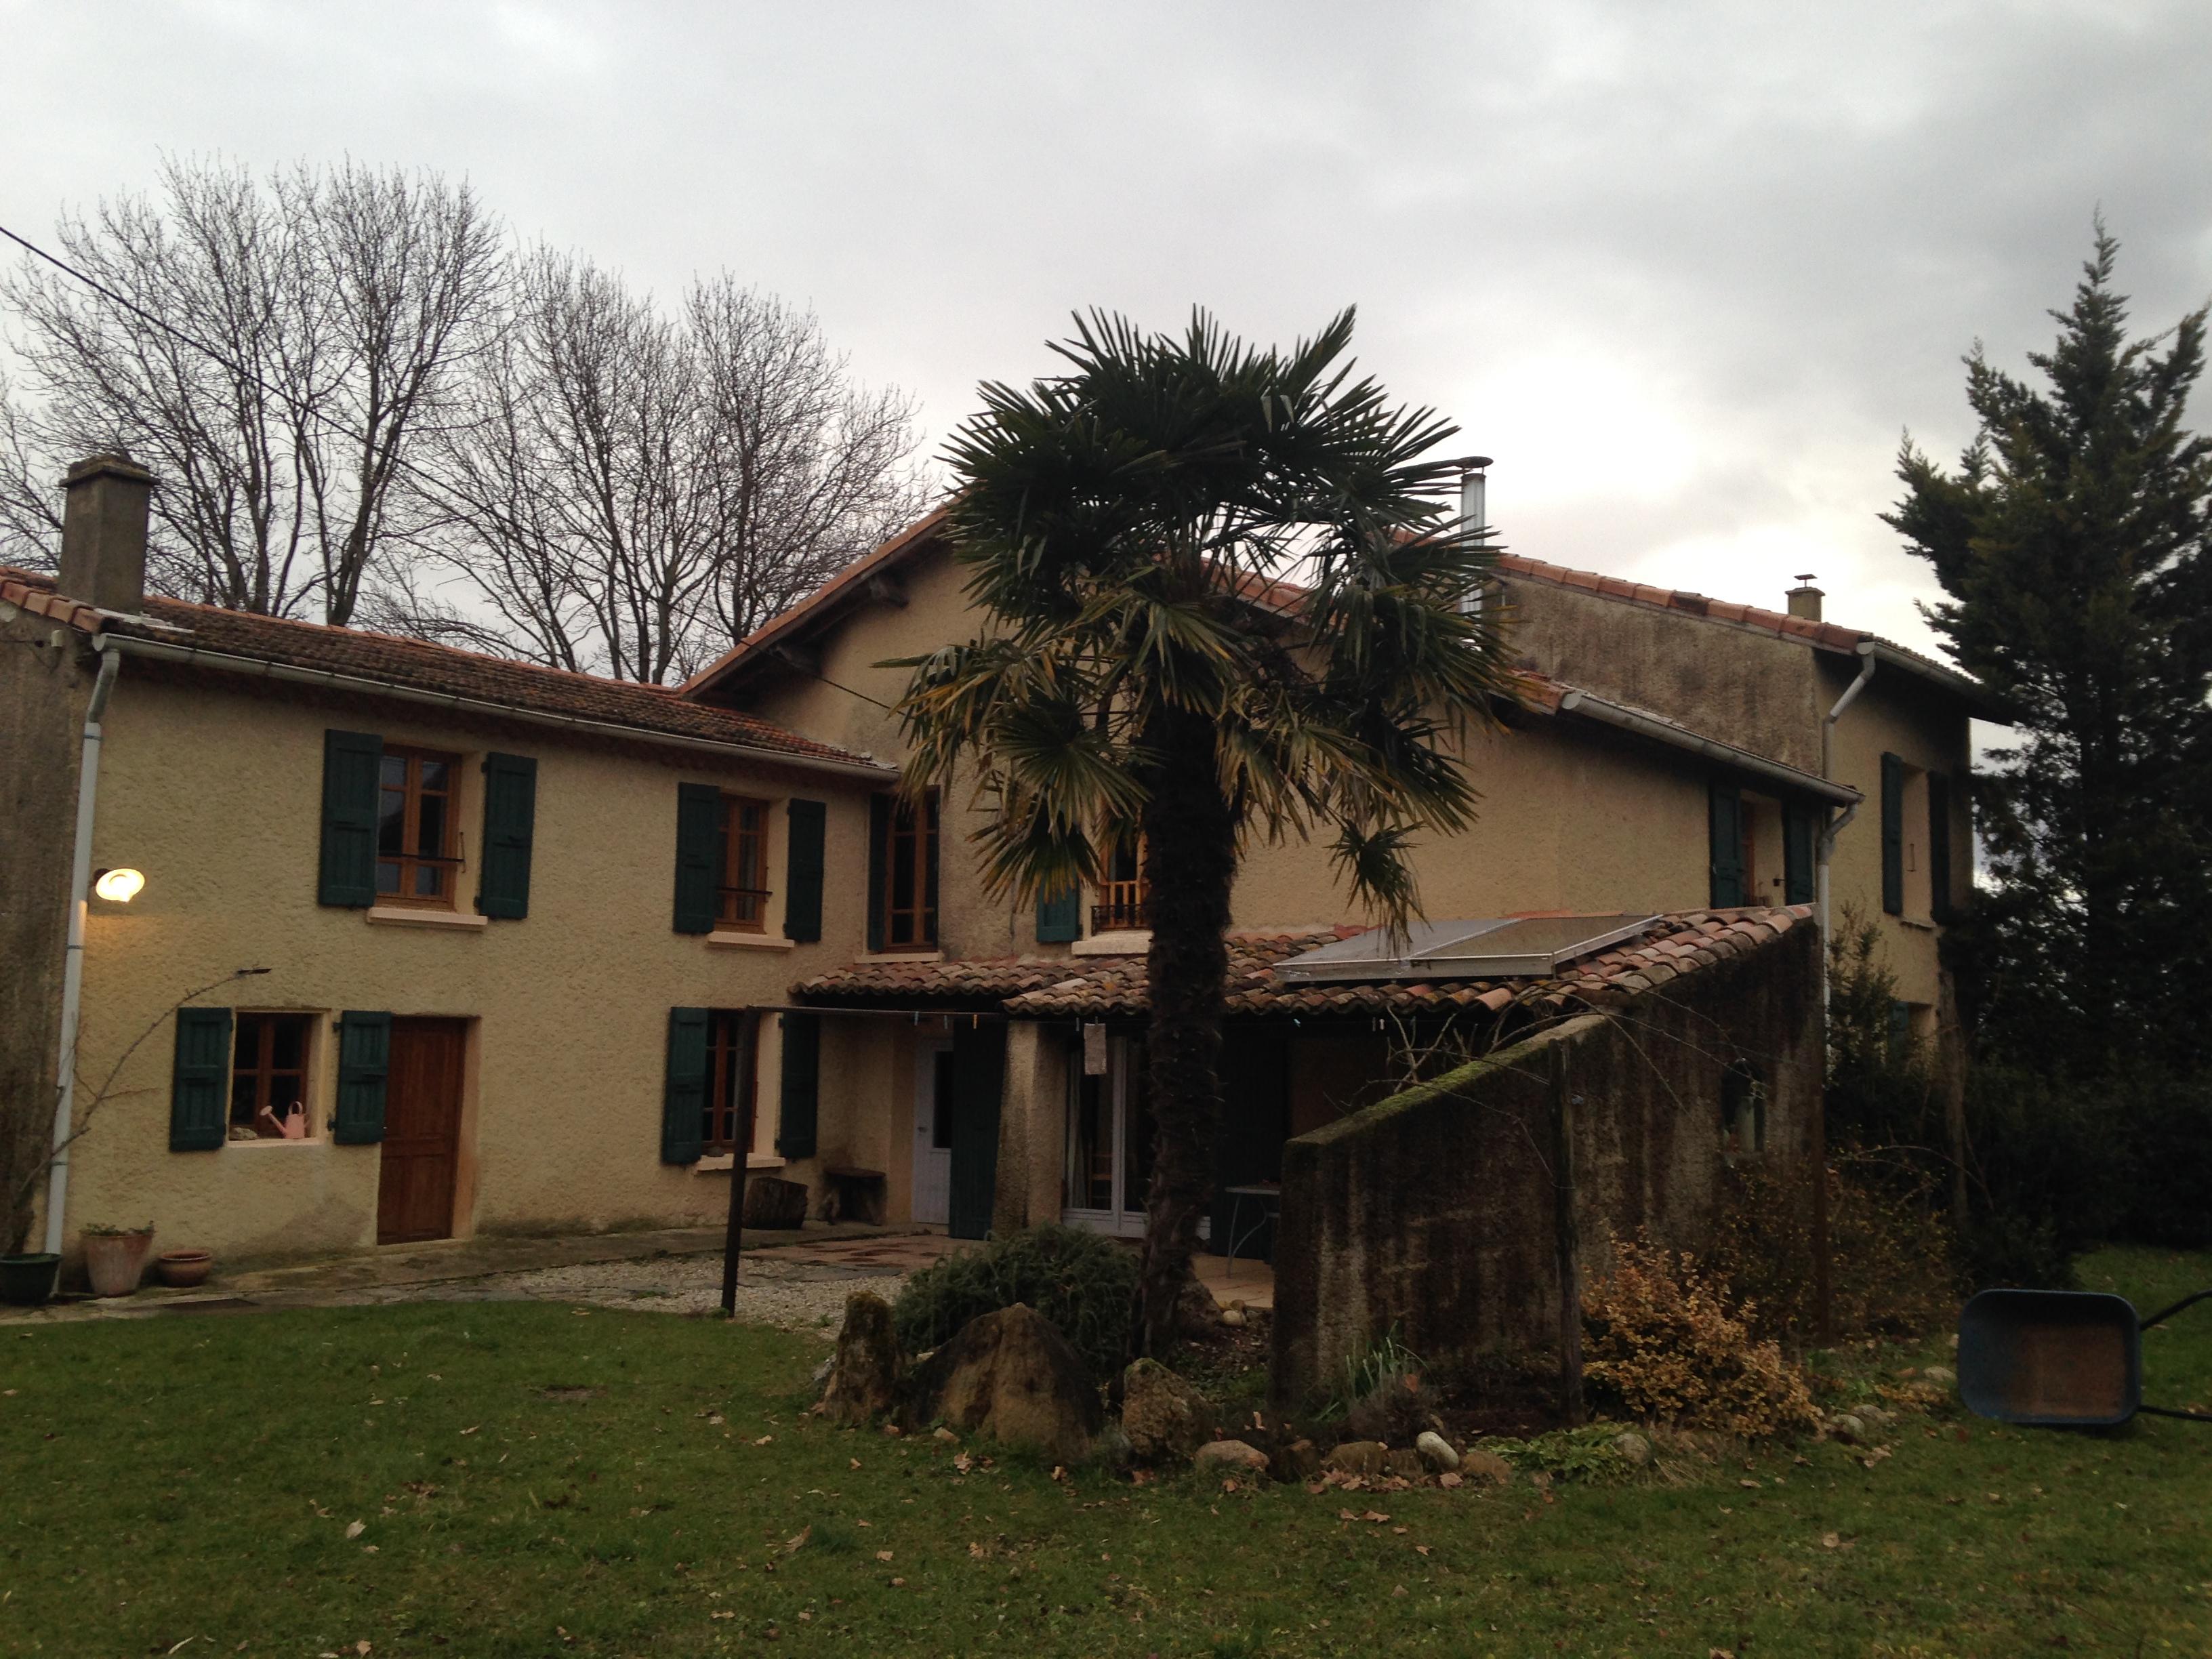 rénovation de toiture par sas berard